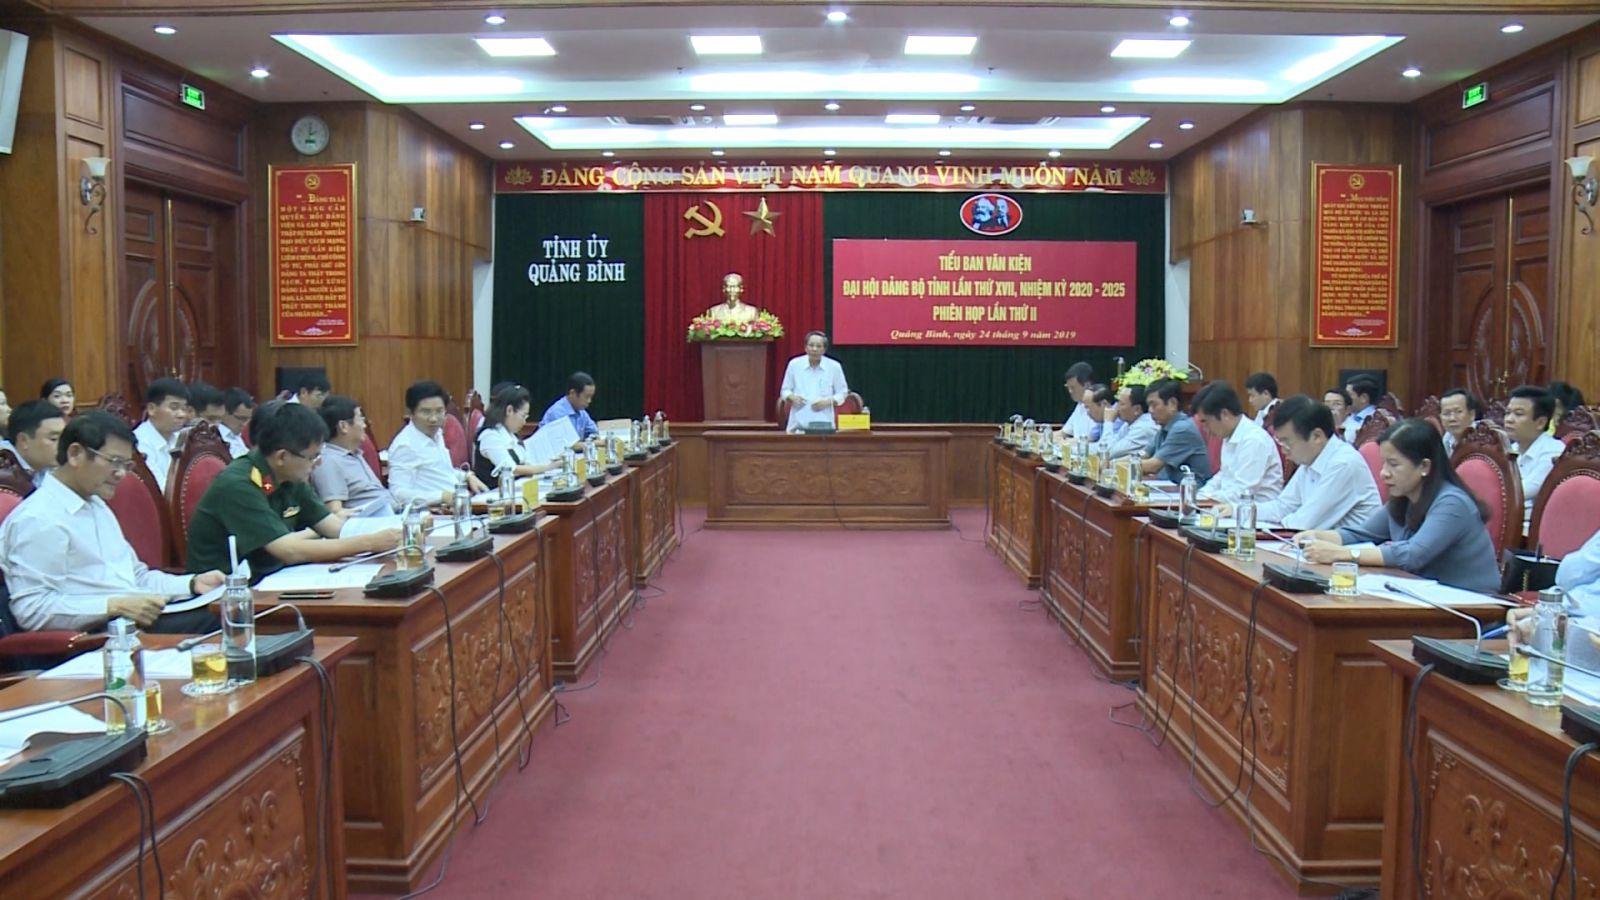 Hải Phòng, Quảng Bình triển khai công tác chuẩn bị Đại hội Đảng